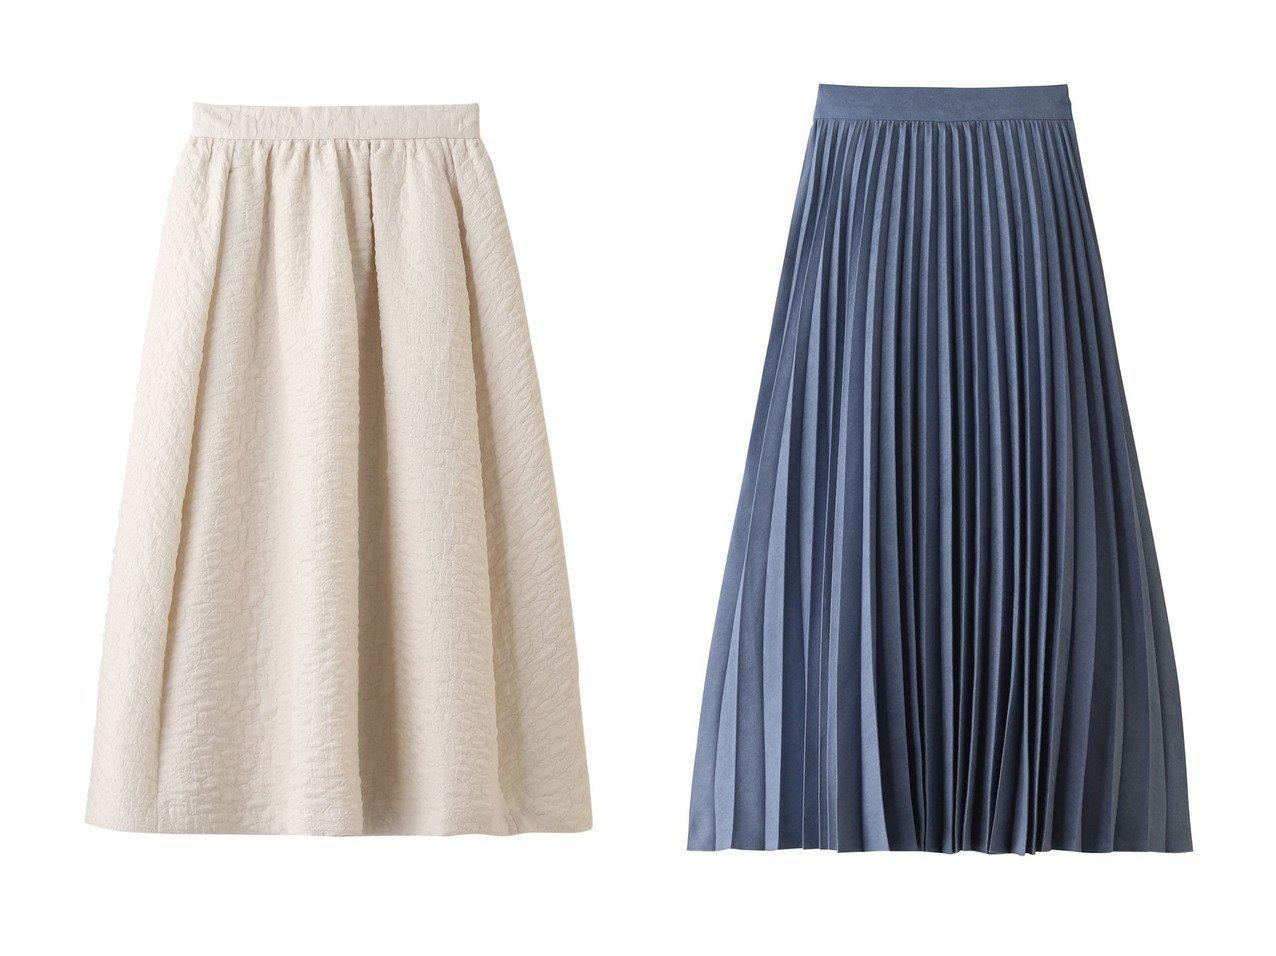 【martinique/マルティニーク】のキルティングフレアスカート&【Ezick/エジック】のスエードマキシプリーツスカート スカートのおすすめ!人気、レディースファッションの通販 おすすめで人気のファッション通販商品 インテリア・家具・キッズファッション・メンズファッション・レディースファッション・服の通販 founy(ファニー) https://founy.com/ ファッション Fashion レディース WOMEN スカート Skirt Aライン/フレアスカート Flared A-Line Skirts ロングスカート Long Skirt プリーツスカート Pleated Skirts エレガント キルティング フレア ロング マキシ 秋冬 A/W Autumn/ Winter |ID:crp329100000001181